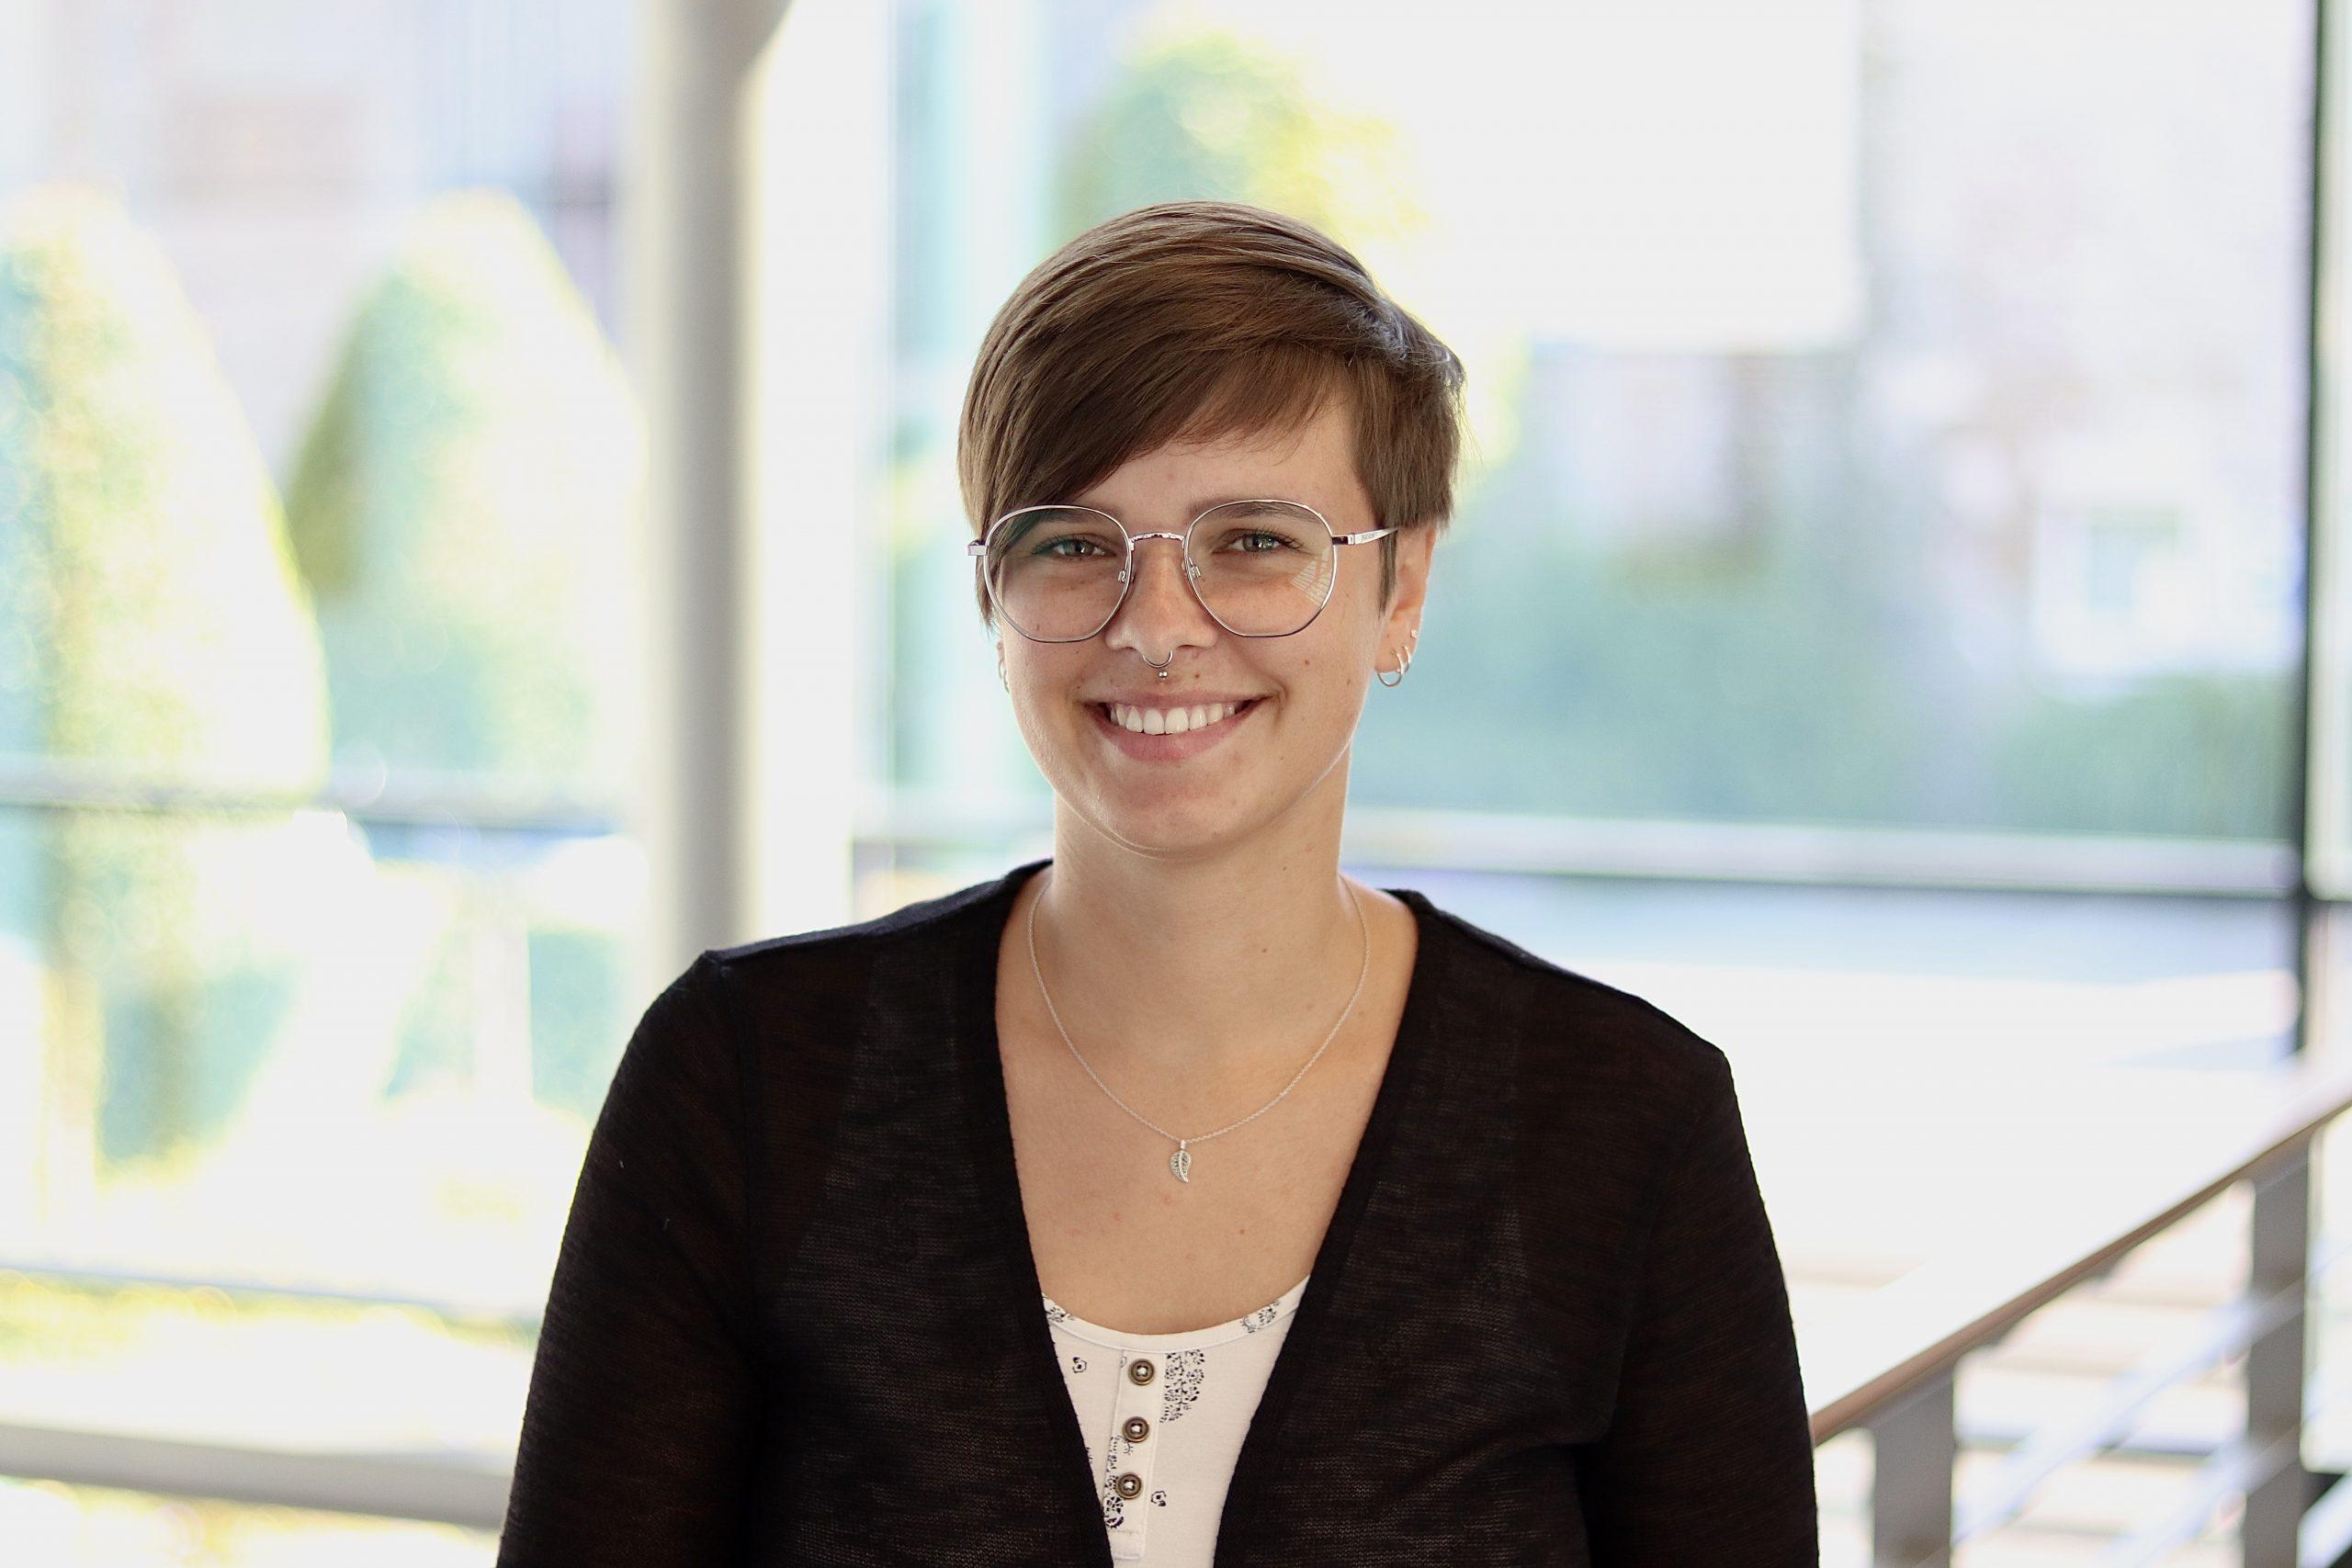 Vanessa Engel